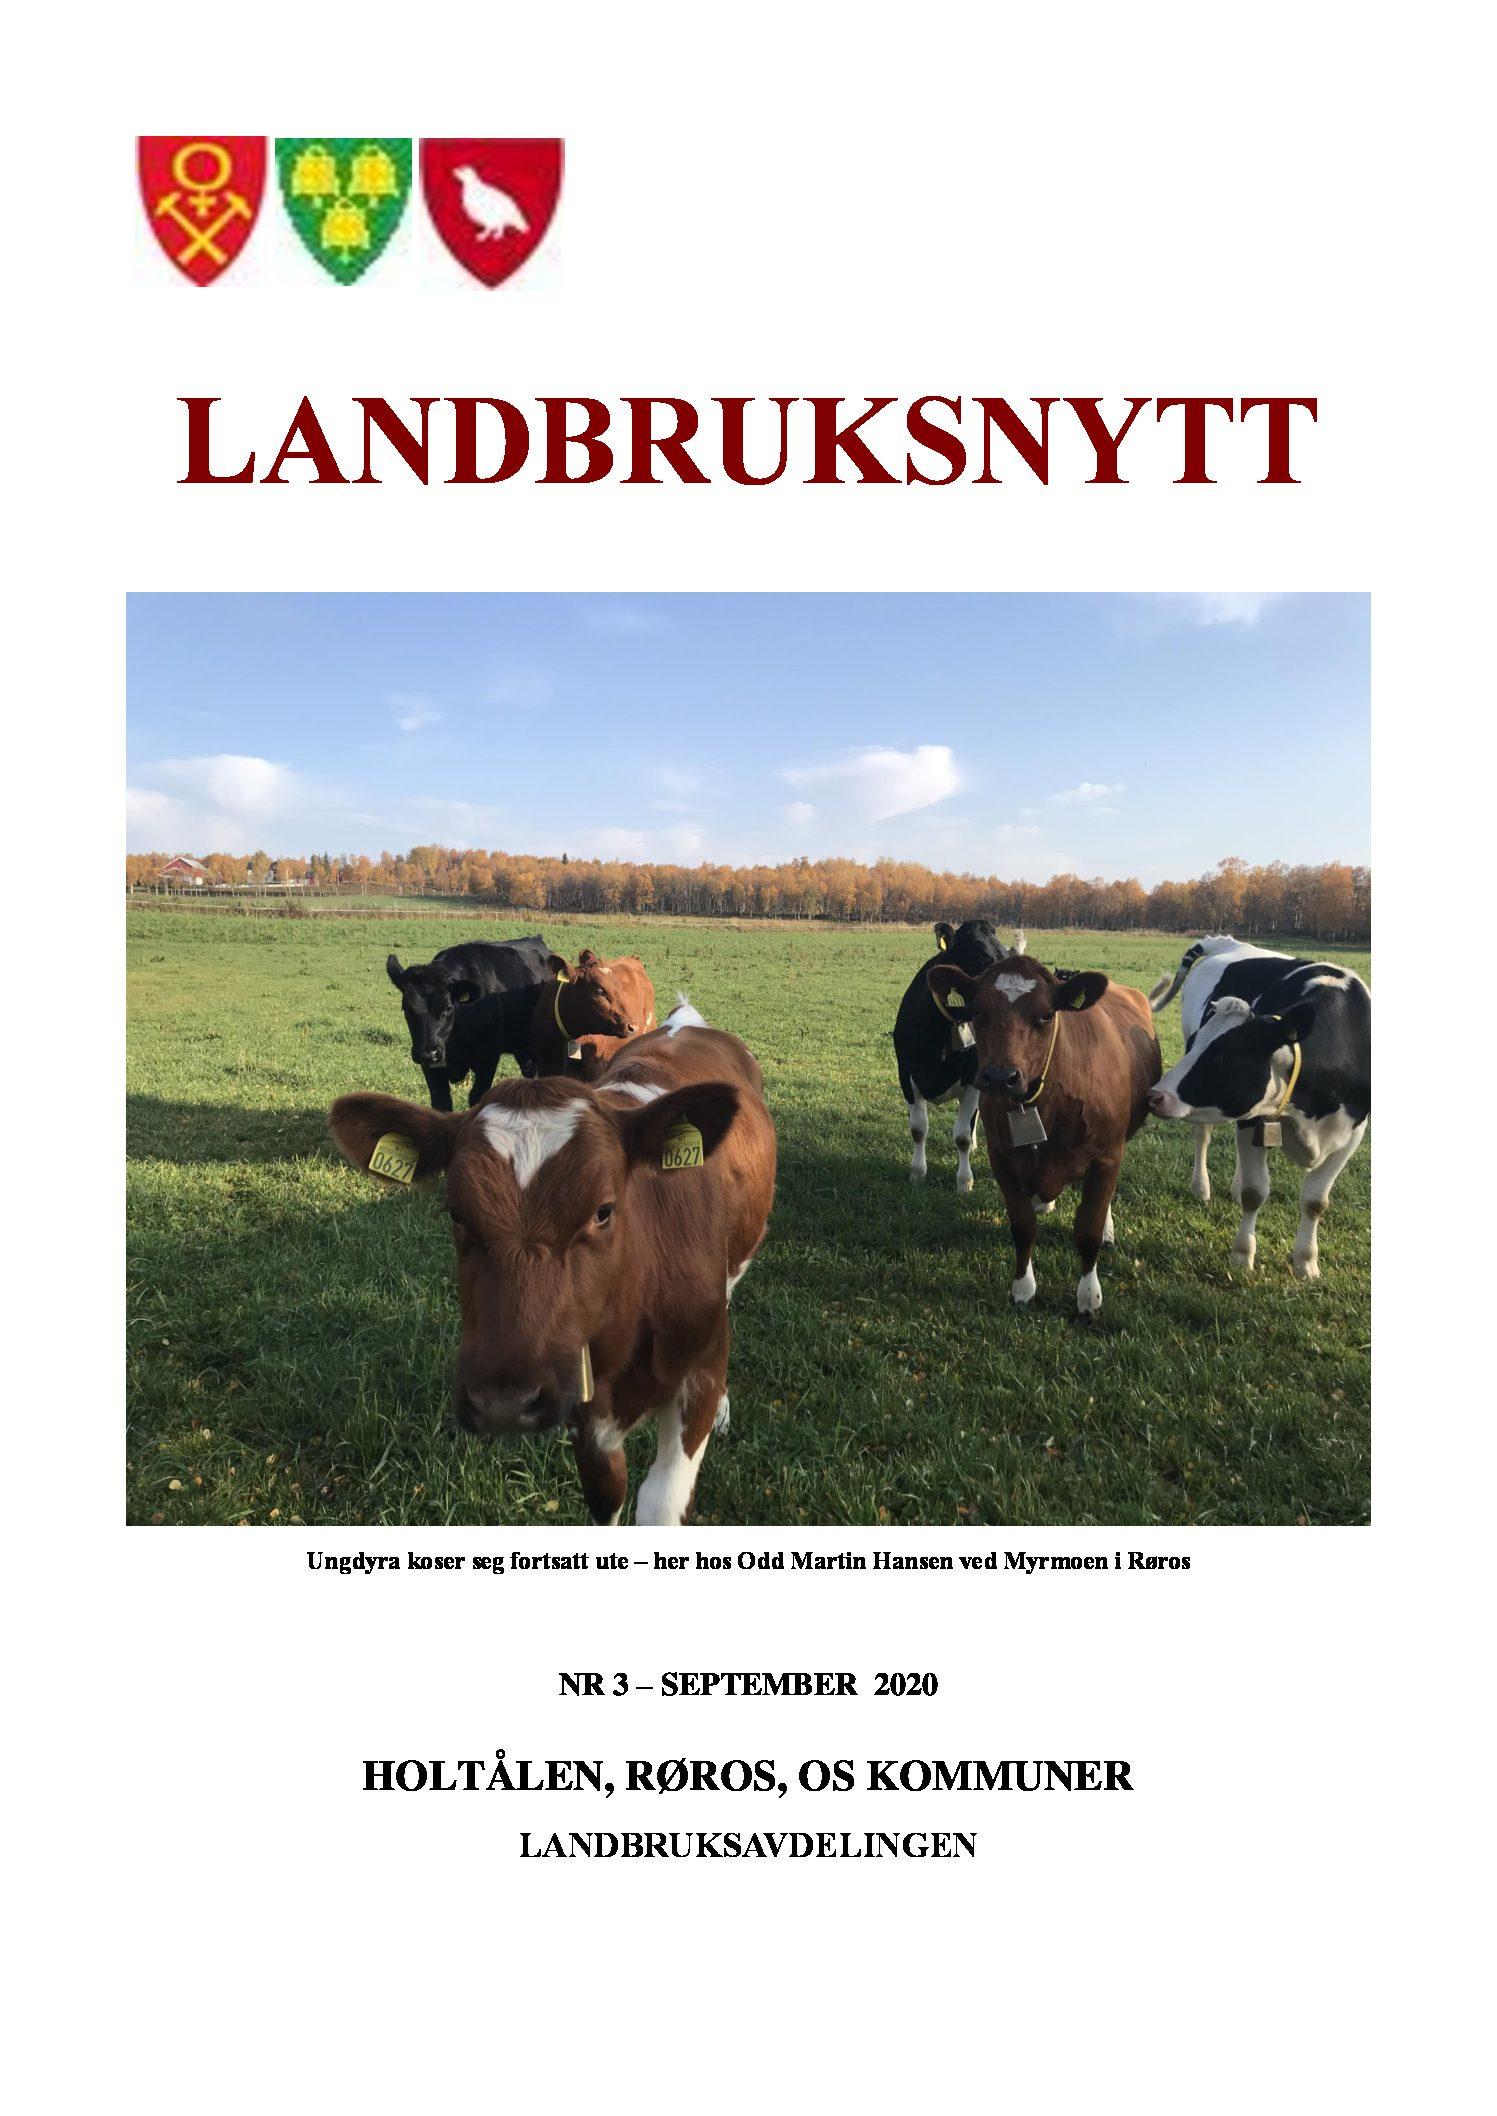 Landbruksnytt september 2020